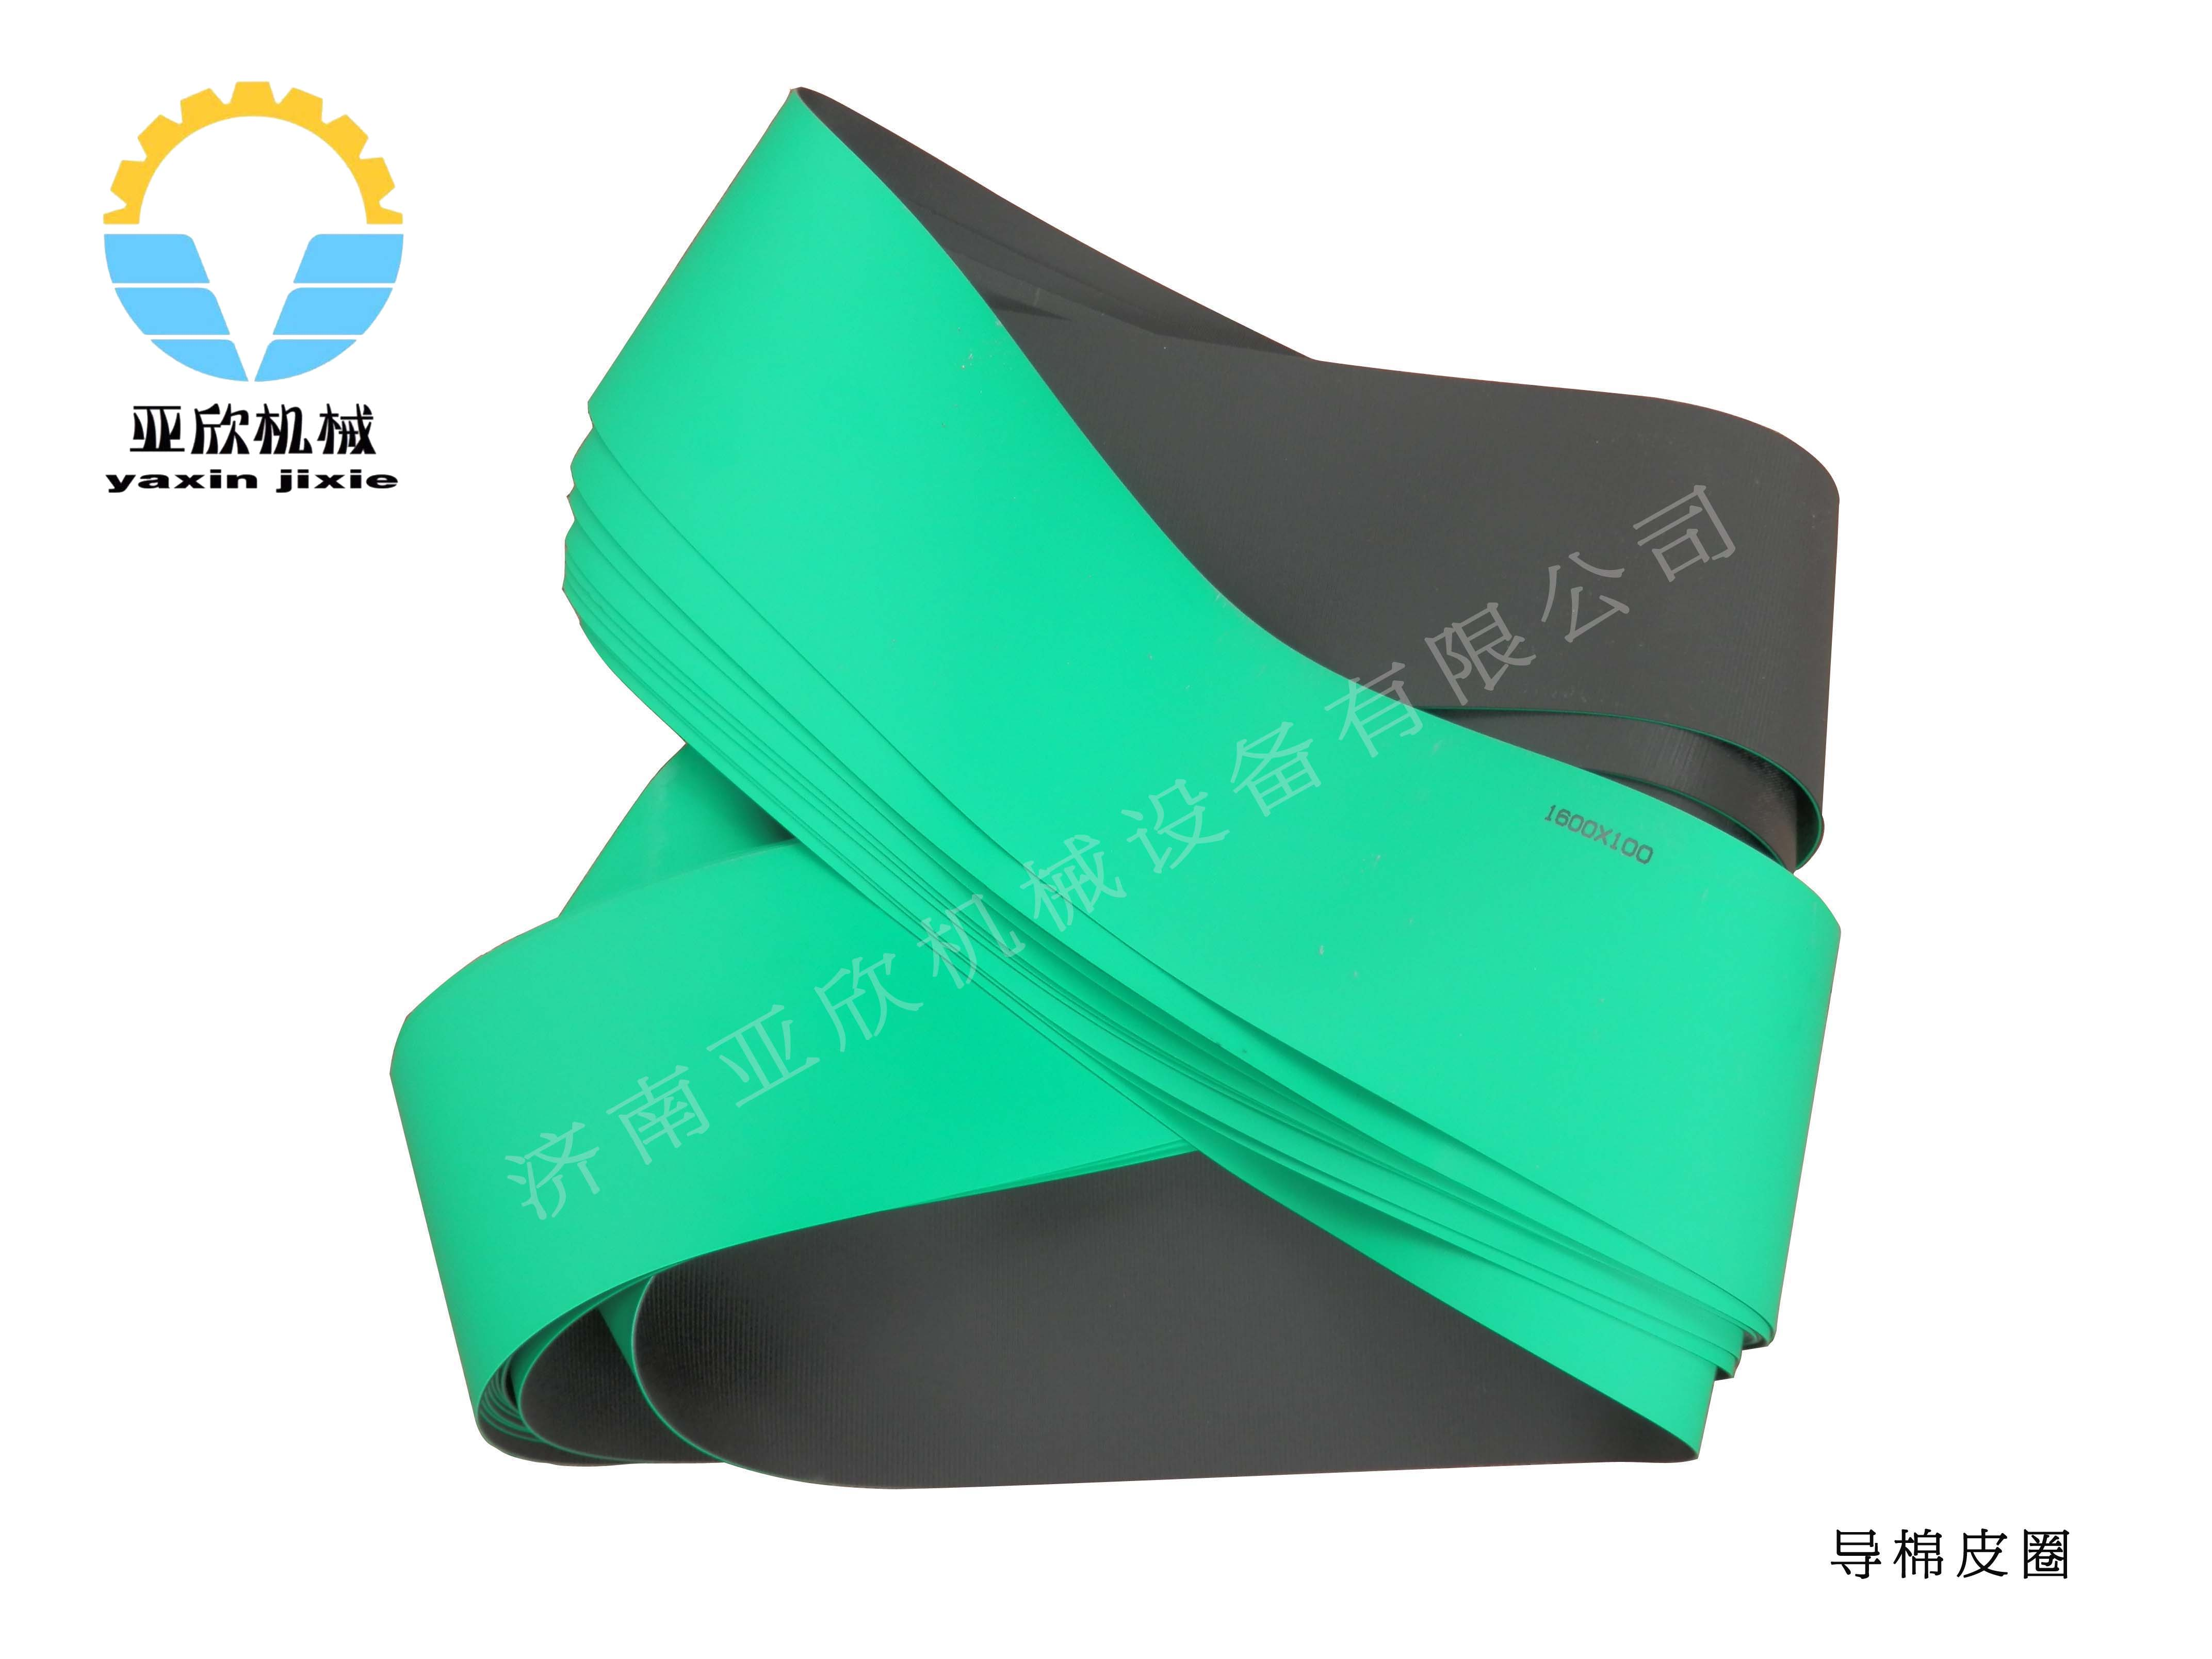 导棉皮圈工业皮带厂家直销规格型号齐全可定制